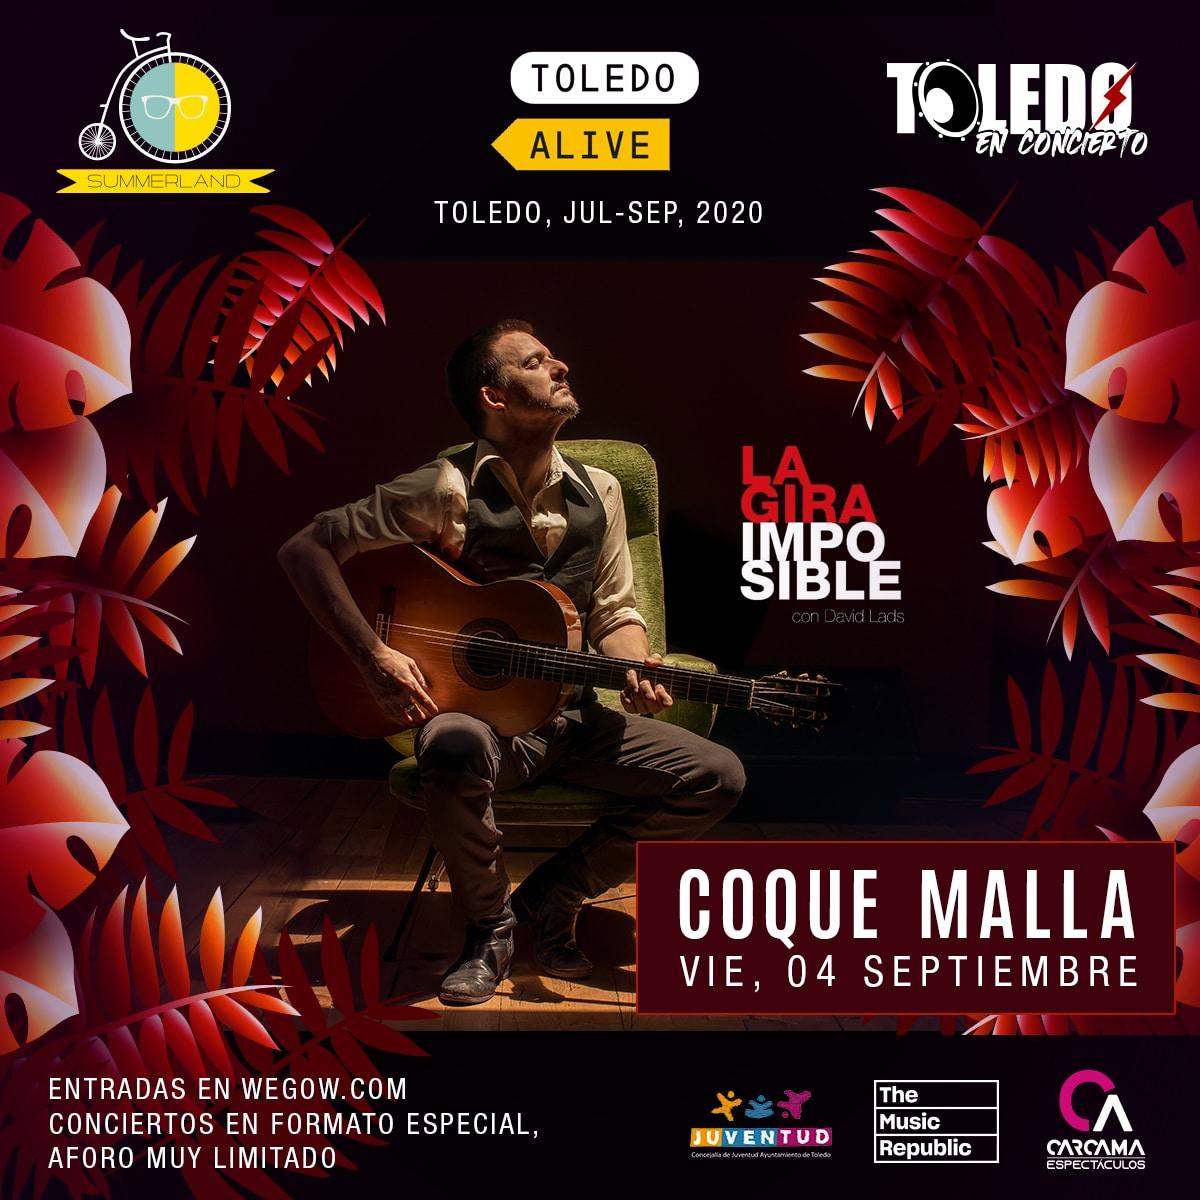 Concierto de Coque Malla - Toledo Alive 2020